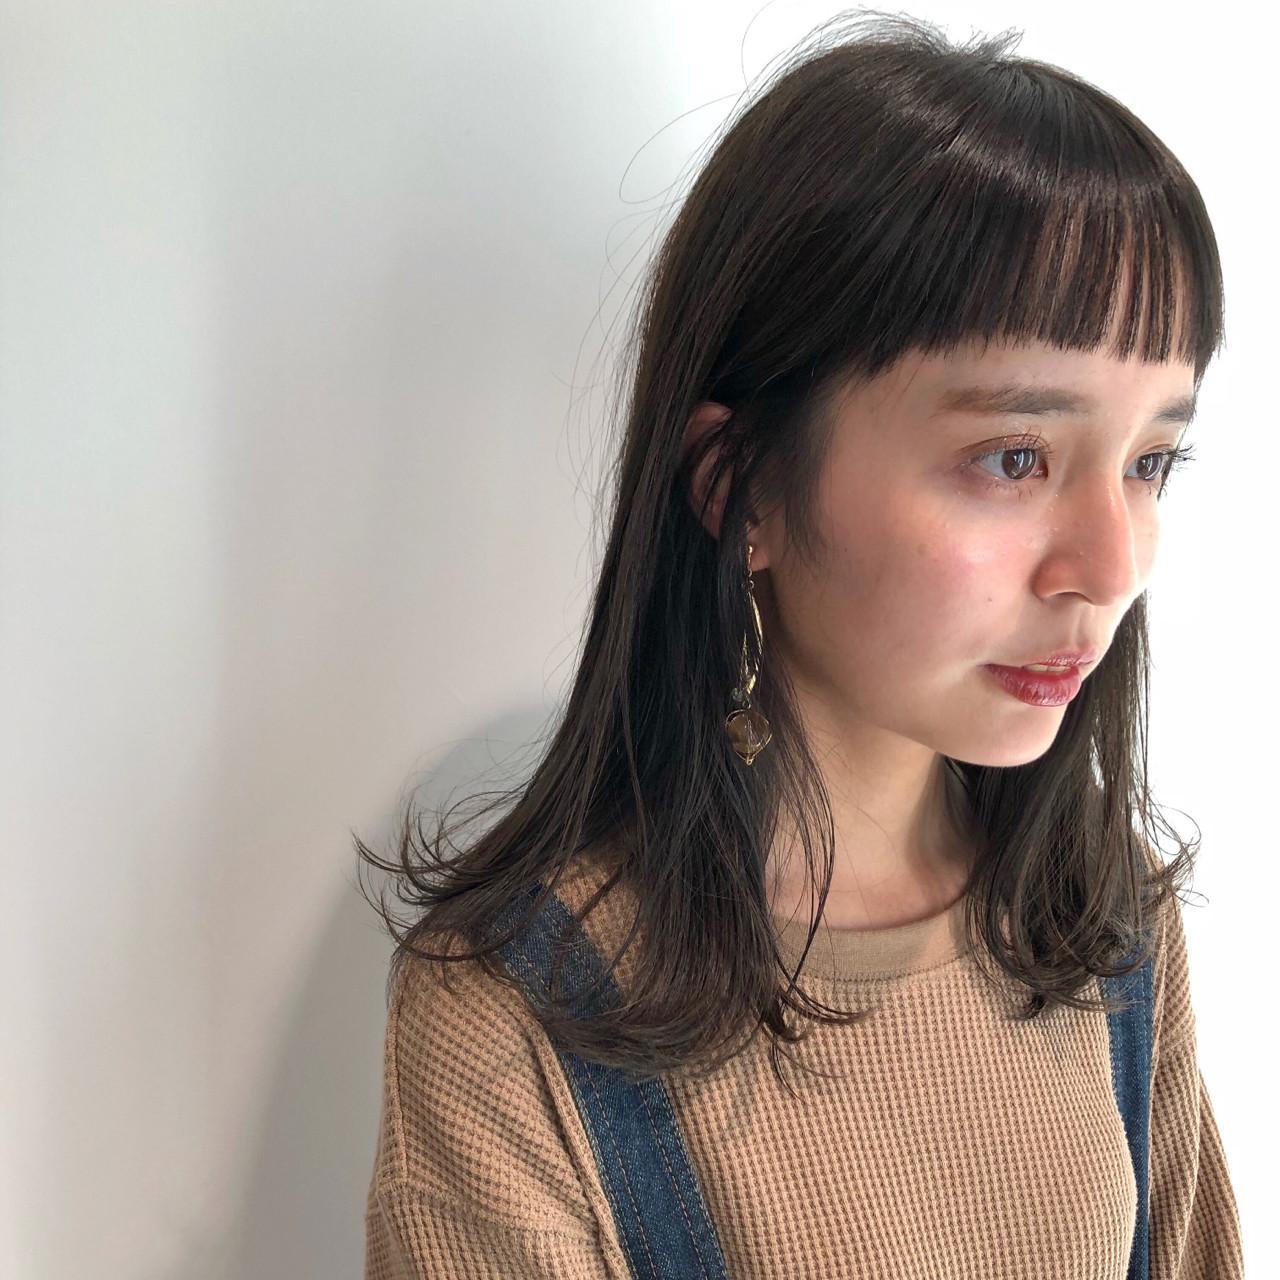 インパクトを狙うならパッツン前髪でキマり! 磯田 基徳